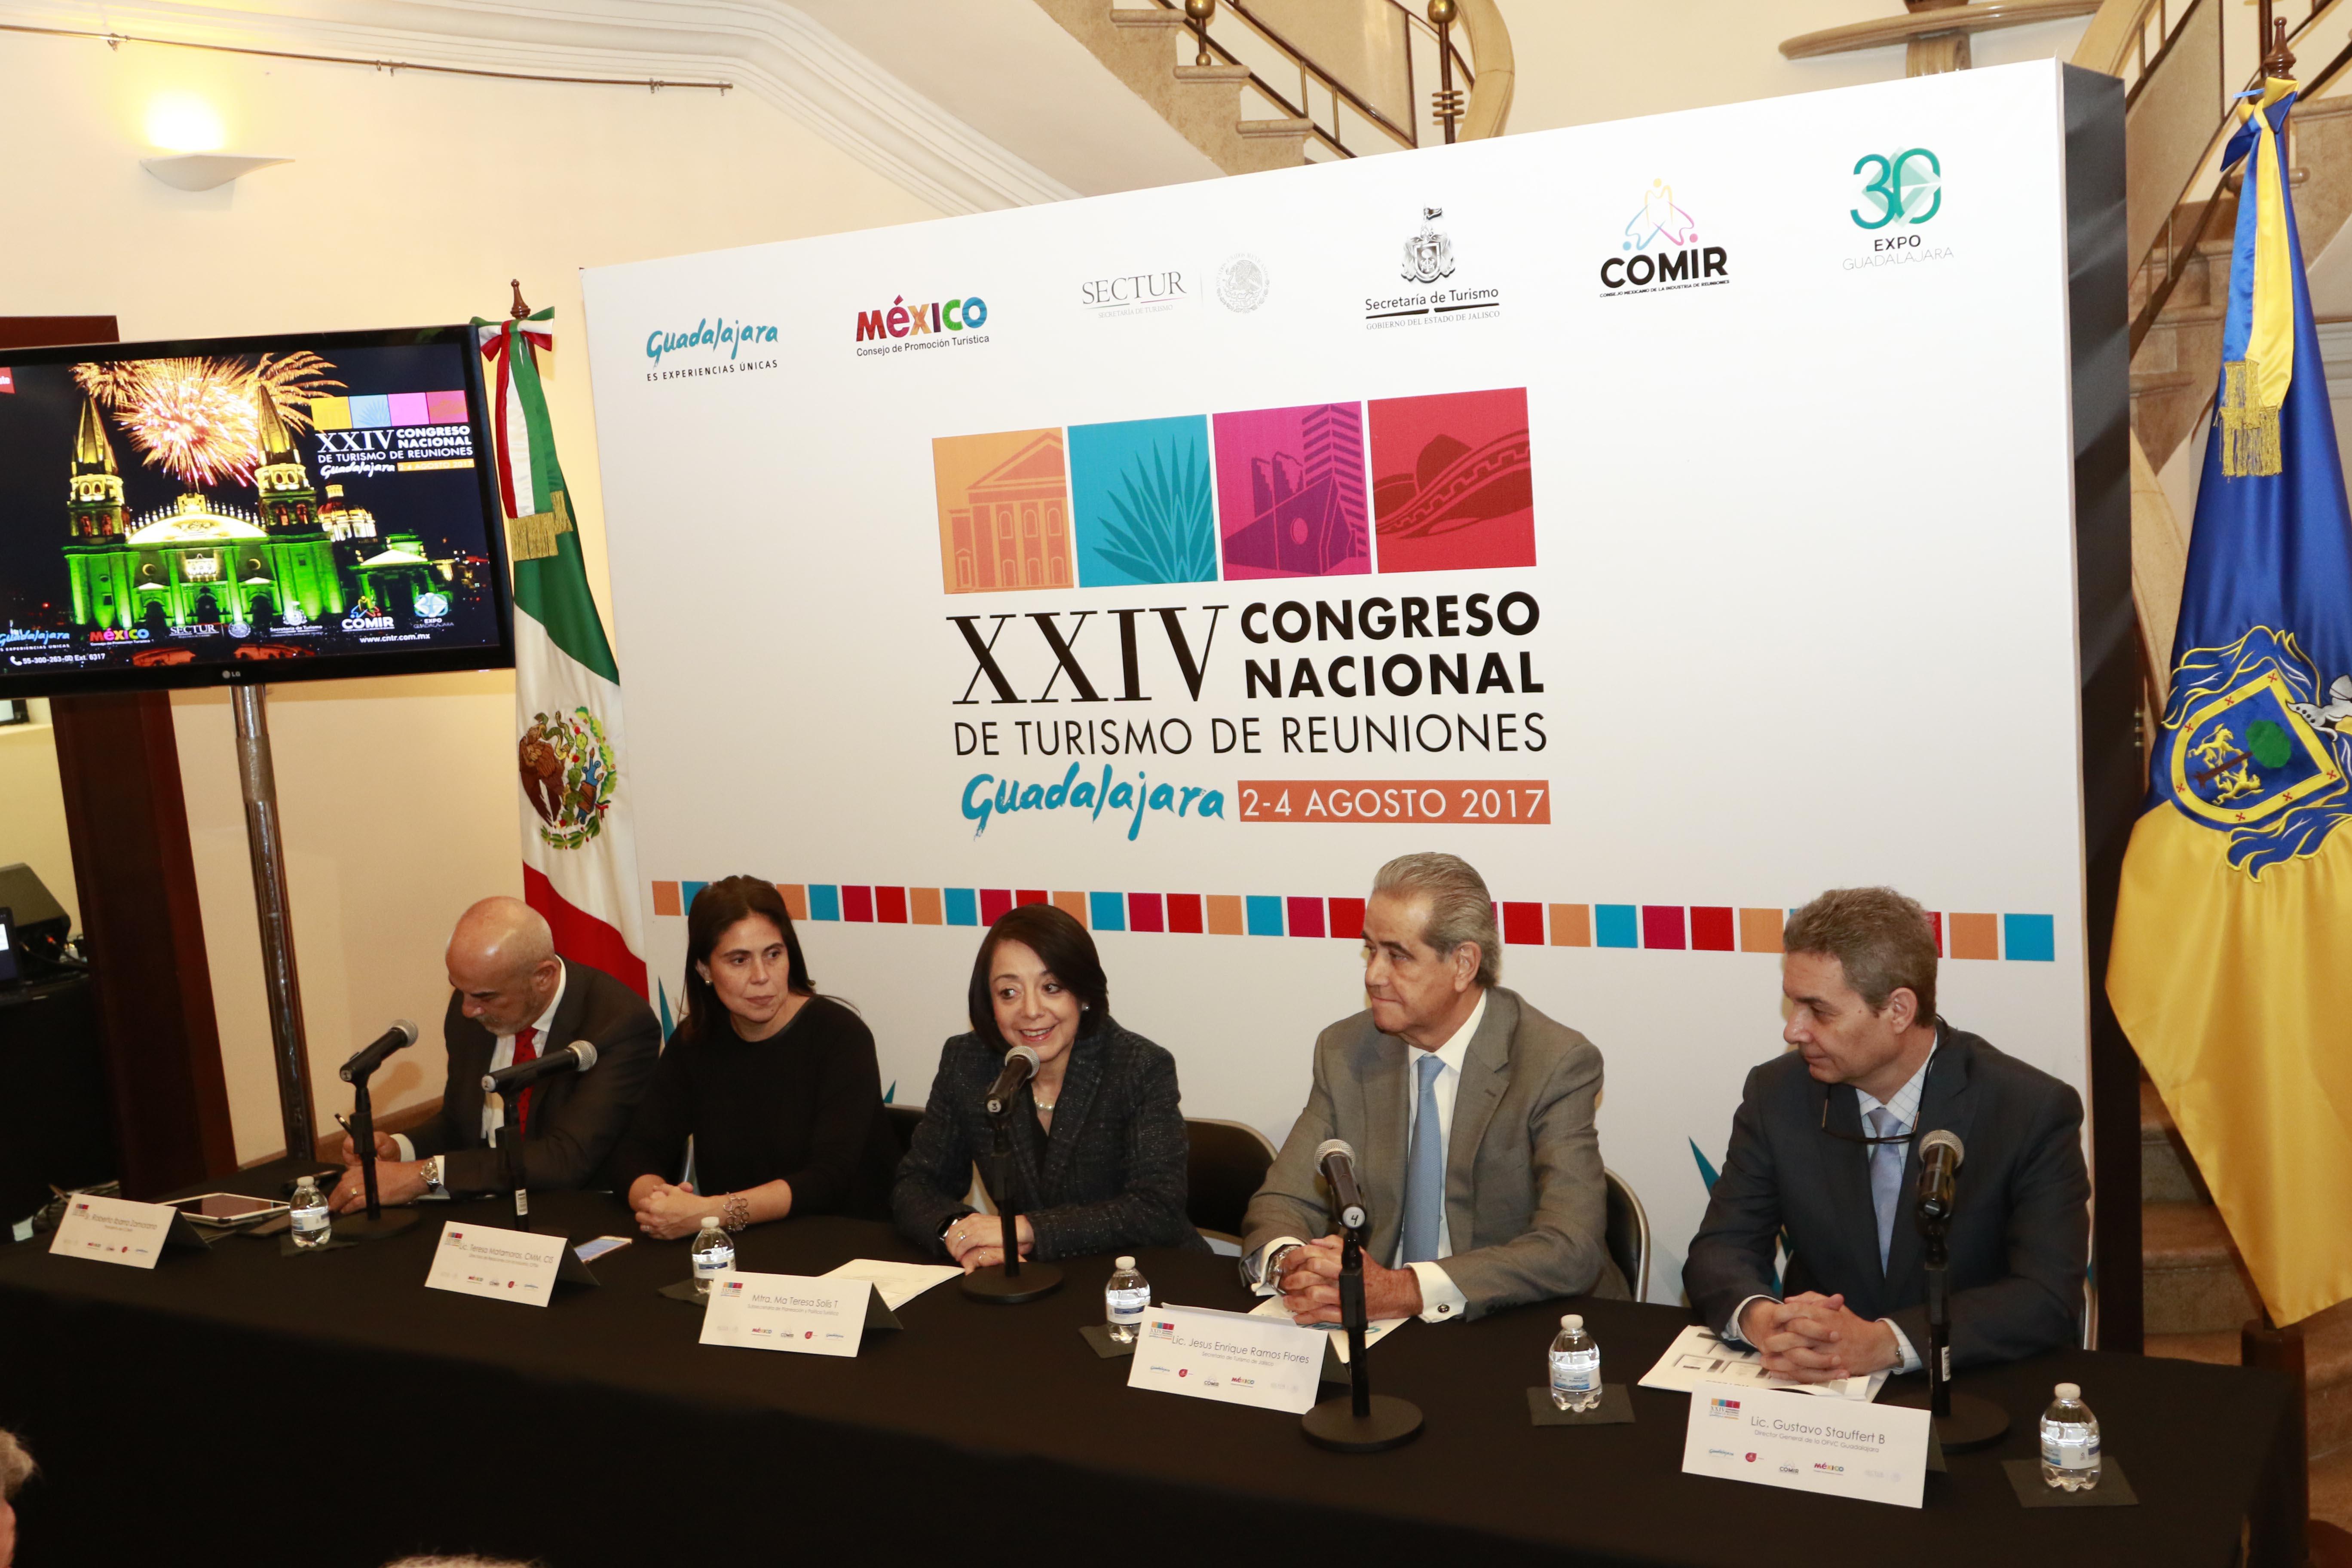 Aumentó 20% El Turismo De Reuniones En México Entre 2014 Y 2016: Sectur